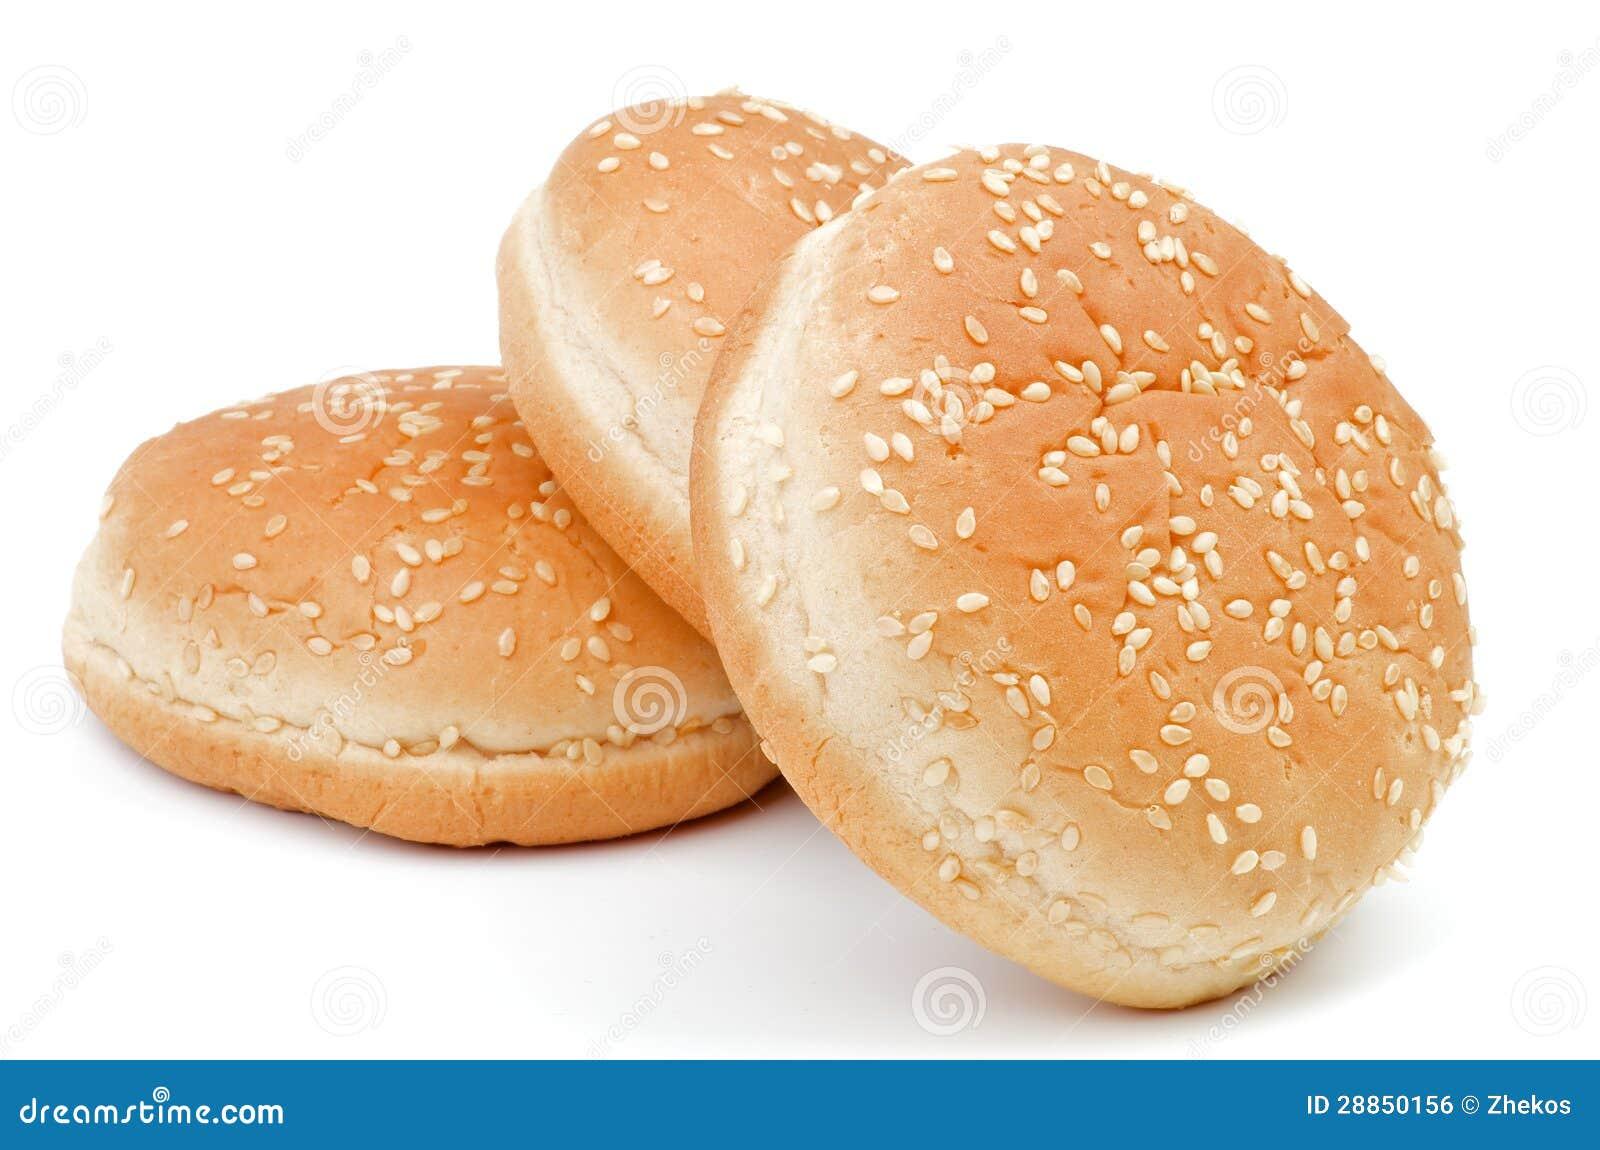 Sesame Burger Buns Royalty-Free Stock Image | CartoonDealer.com ...